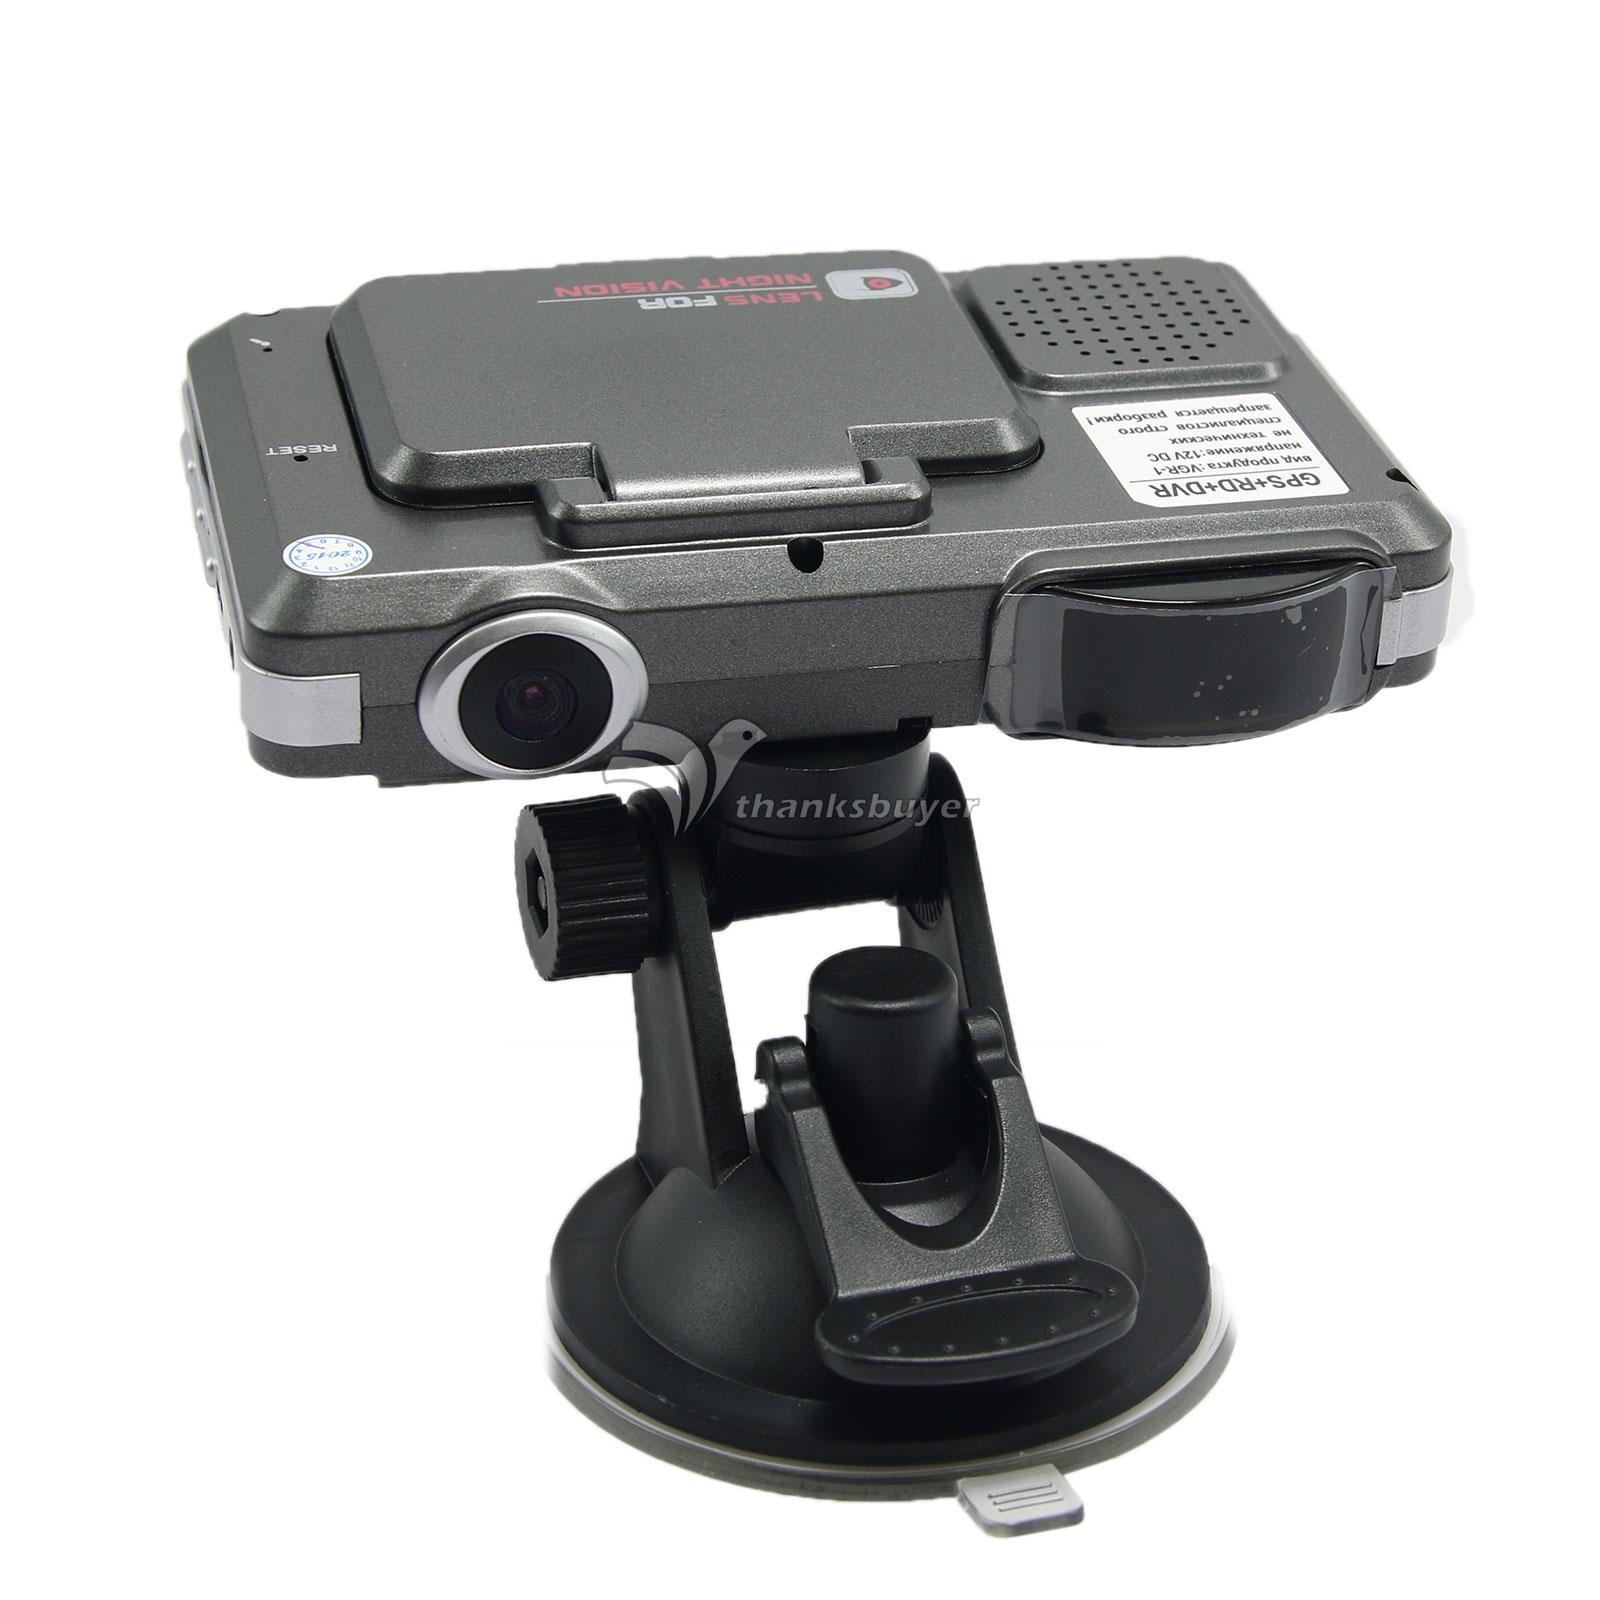 Мути россии 3 in1 рекордер автомобиля DVR / радар лазерный детектор скорости / GPS рекордер